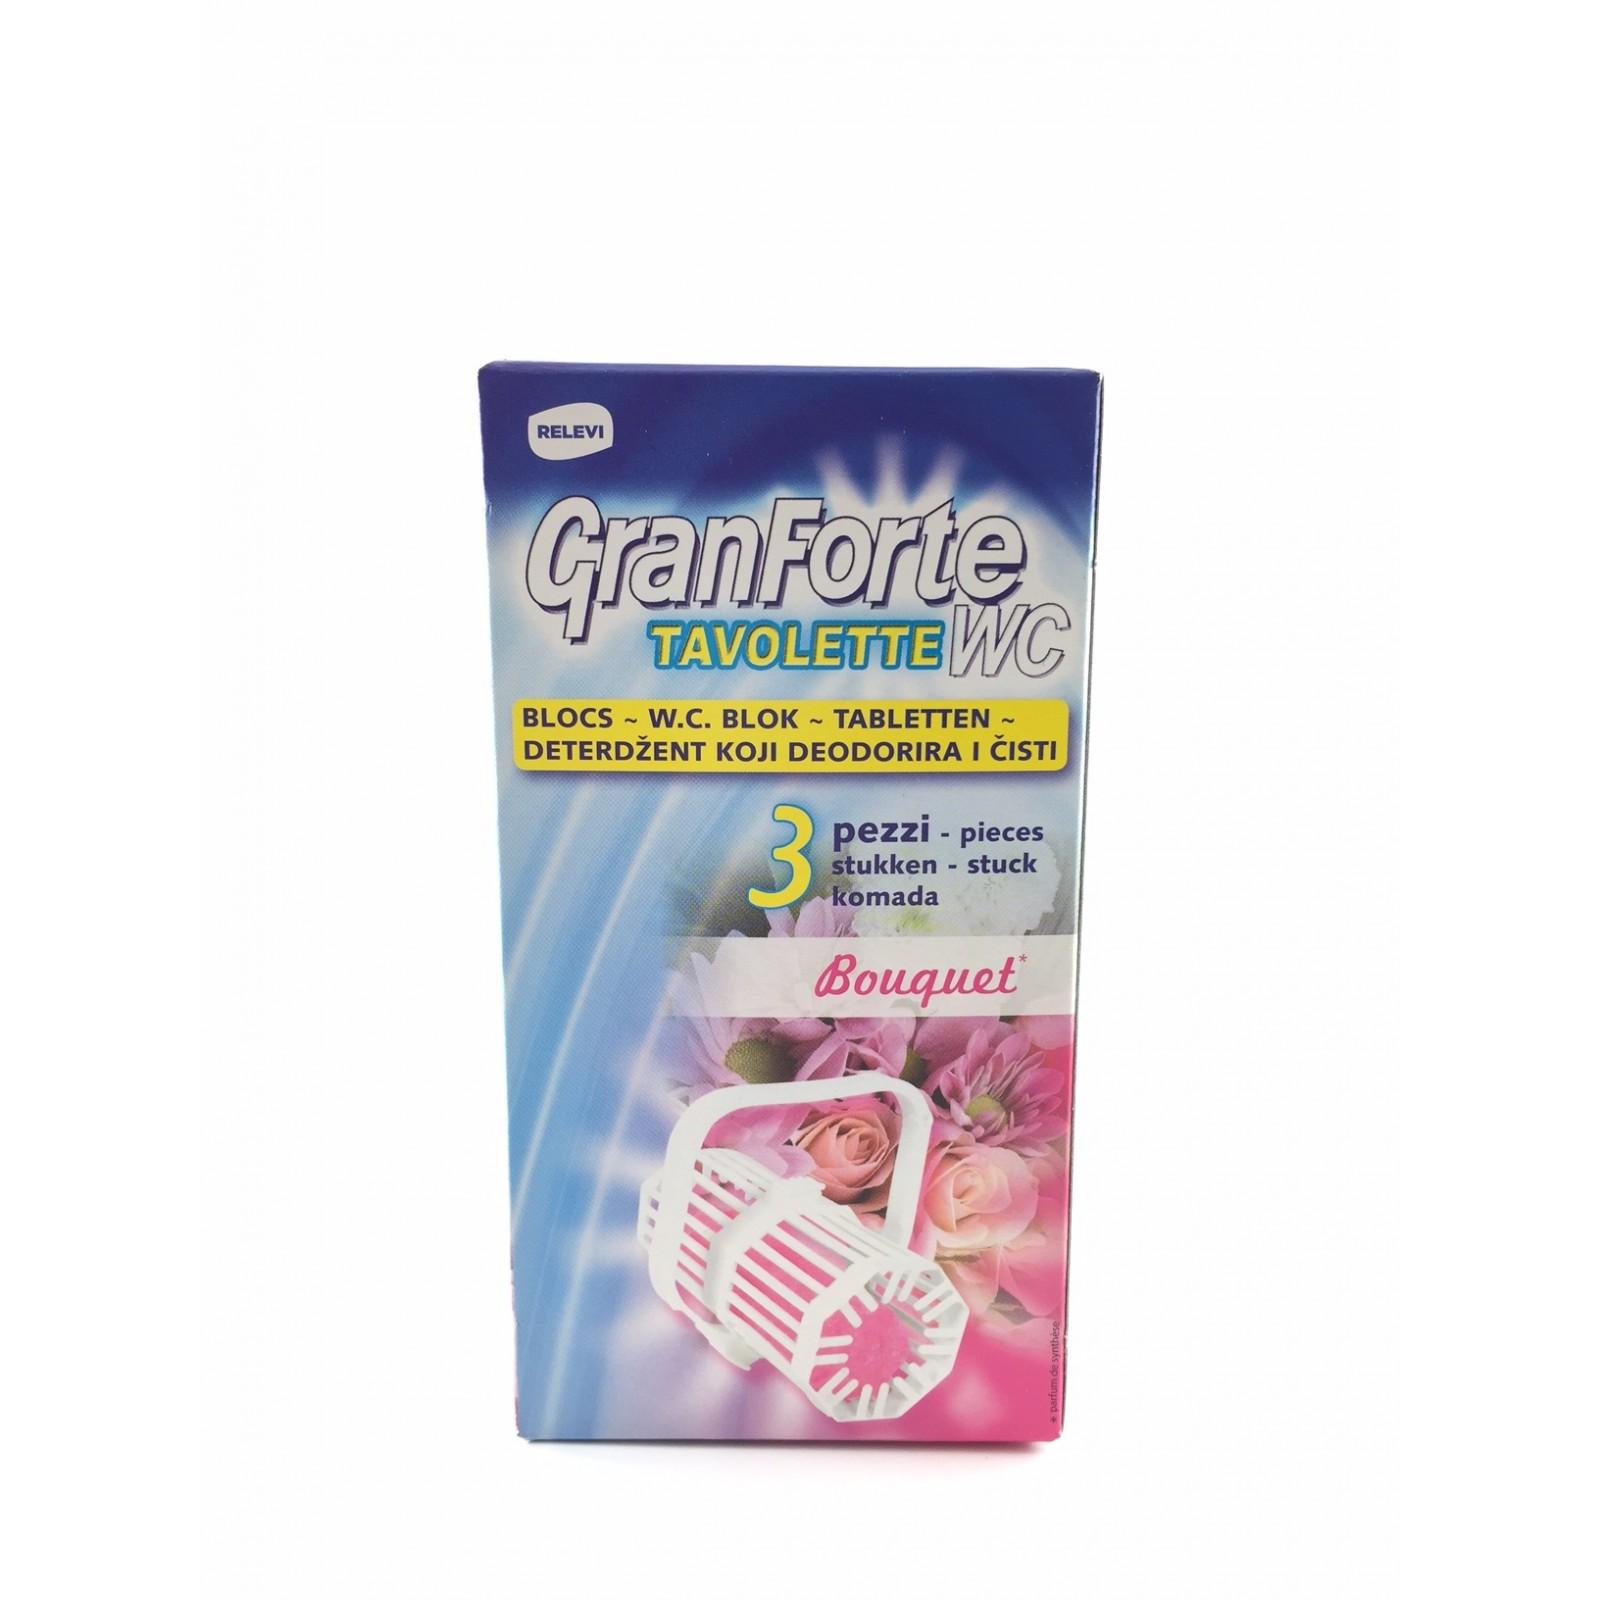 http://zinicenterstore.com/2358-thickbox_default/tavolette-wc-granforte-pz3-peso-150gr-085-eur.jpg